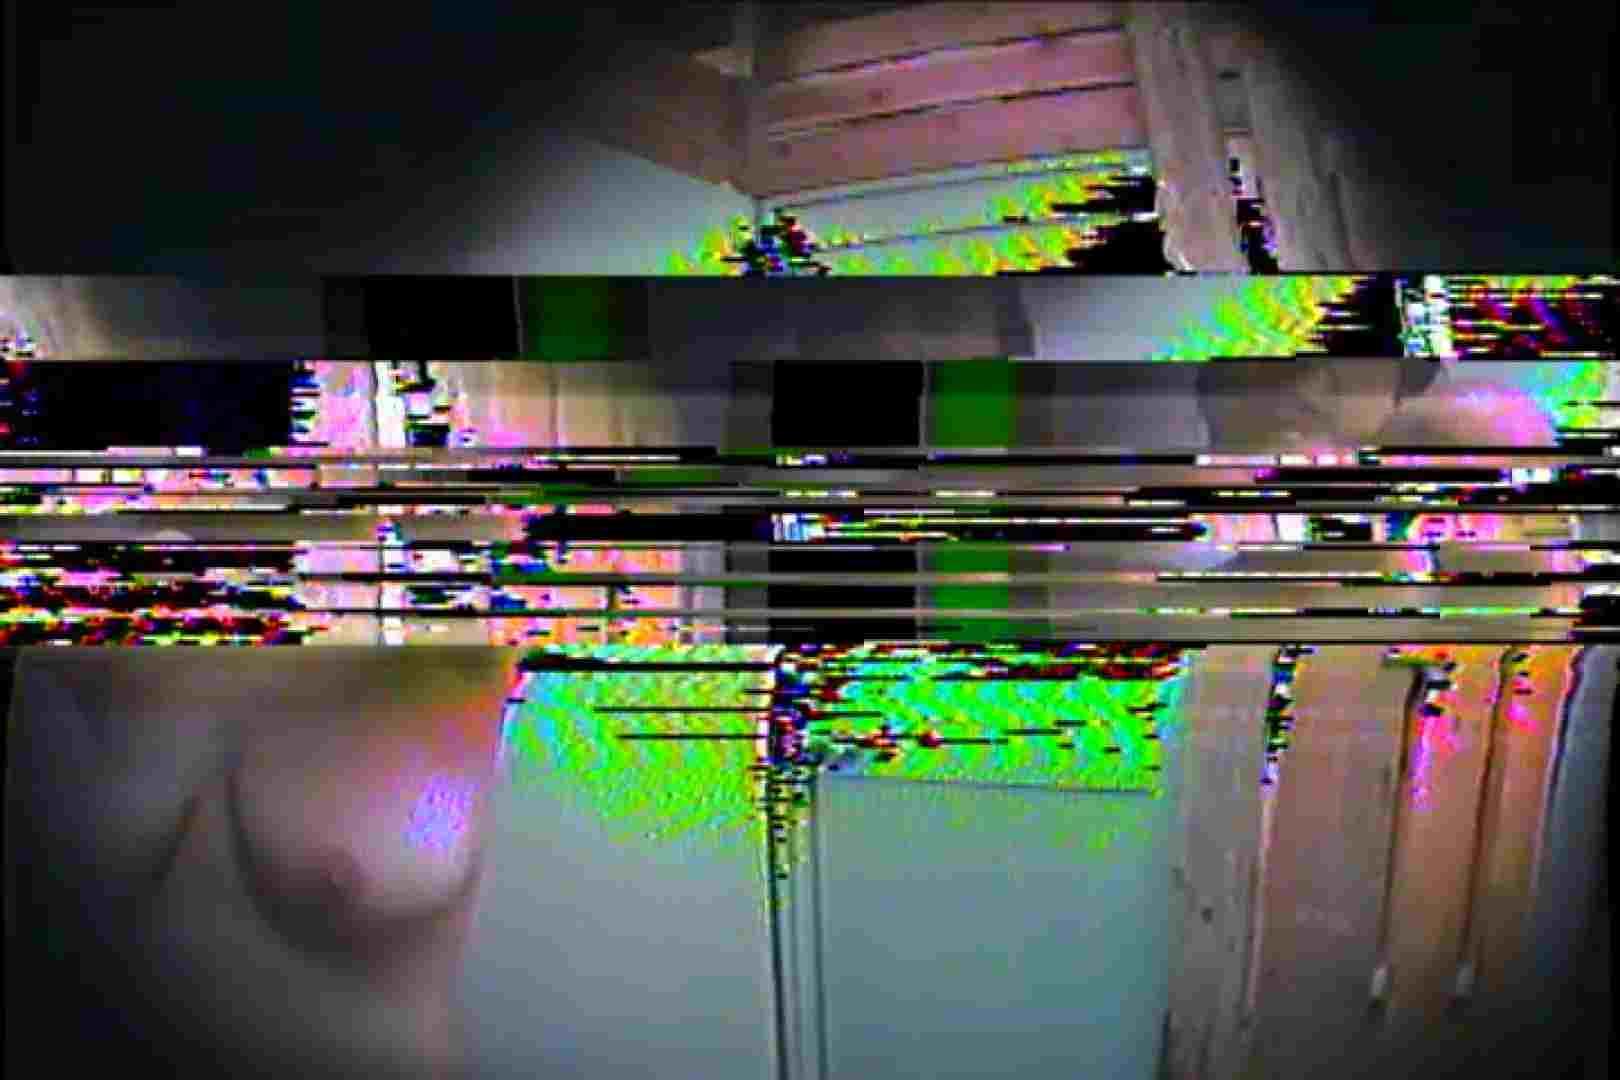 海の家の更衣室 Vol.53 いやらしいOL 盗撮画像 66連発 38